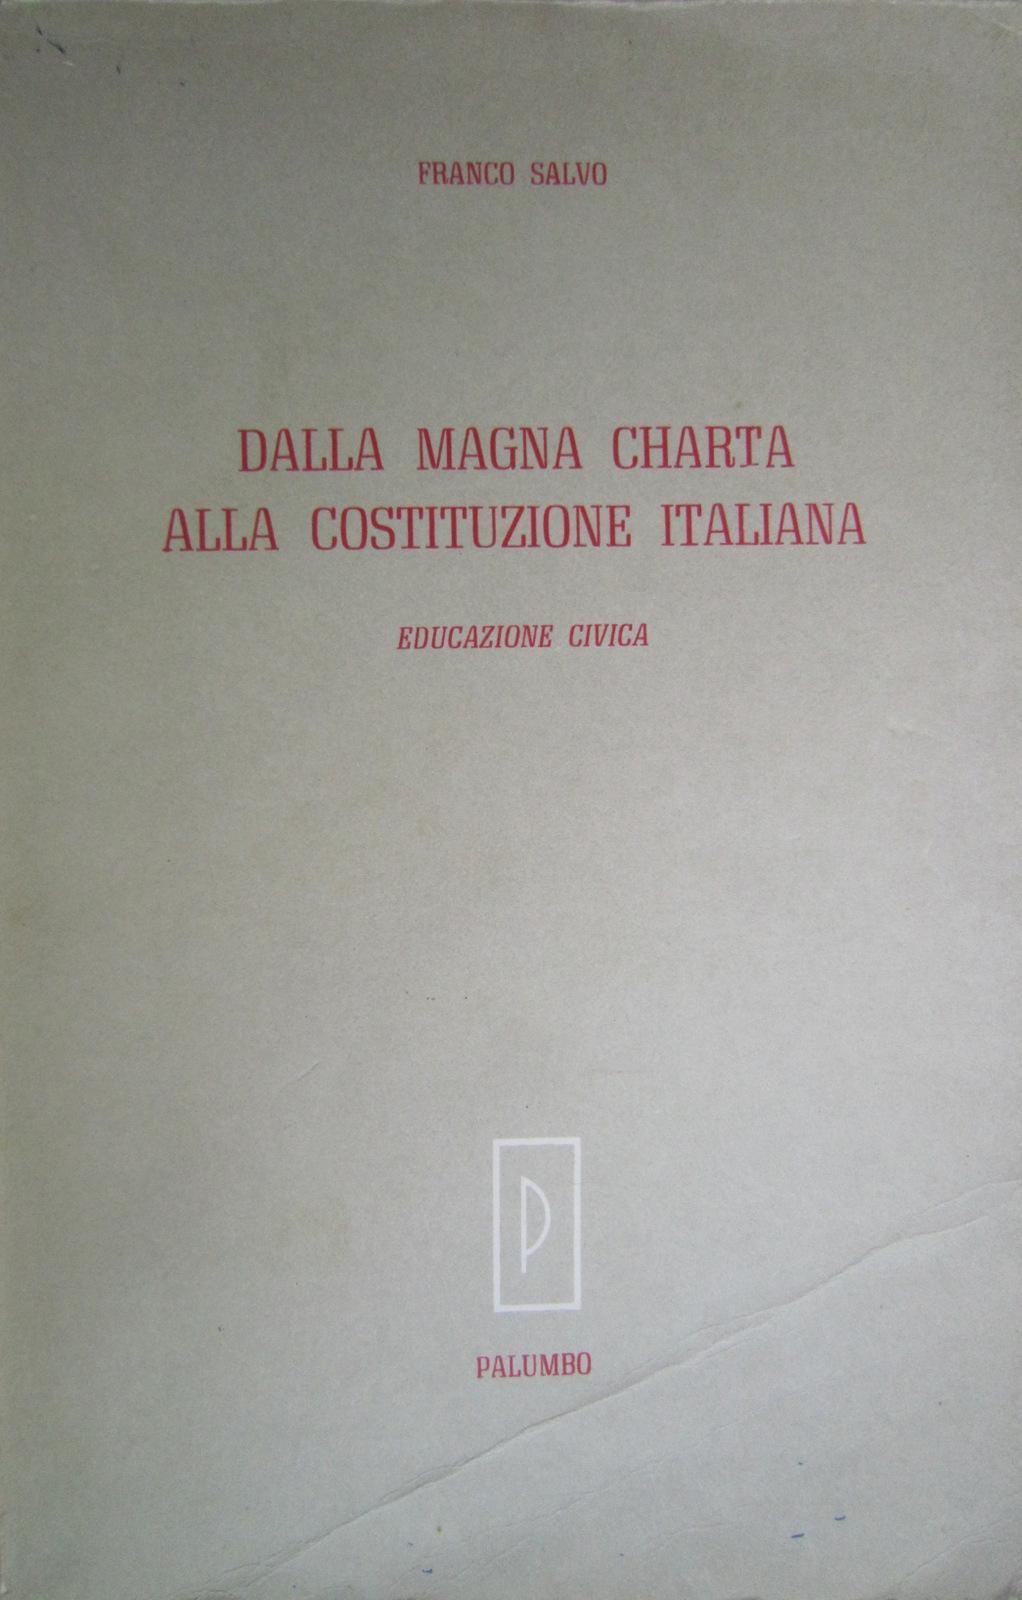 Dalla Magna Charta alla Costituzione italiana